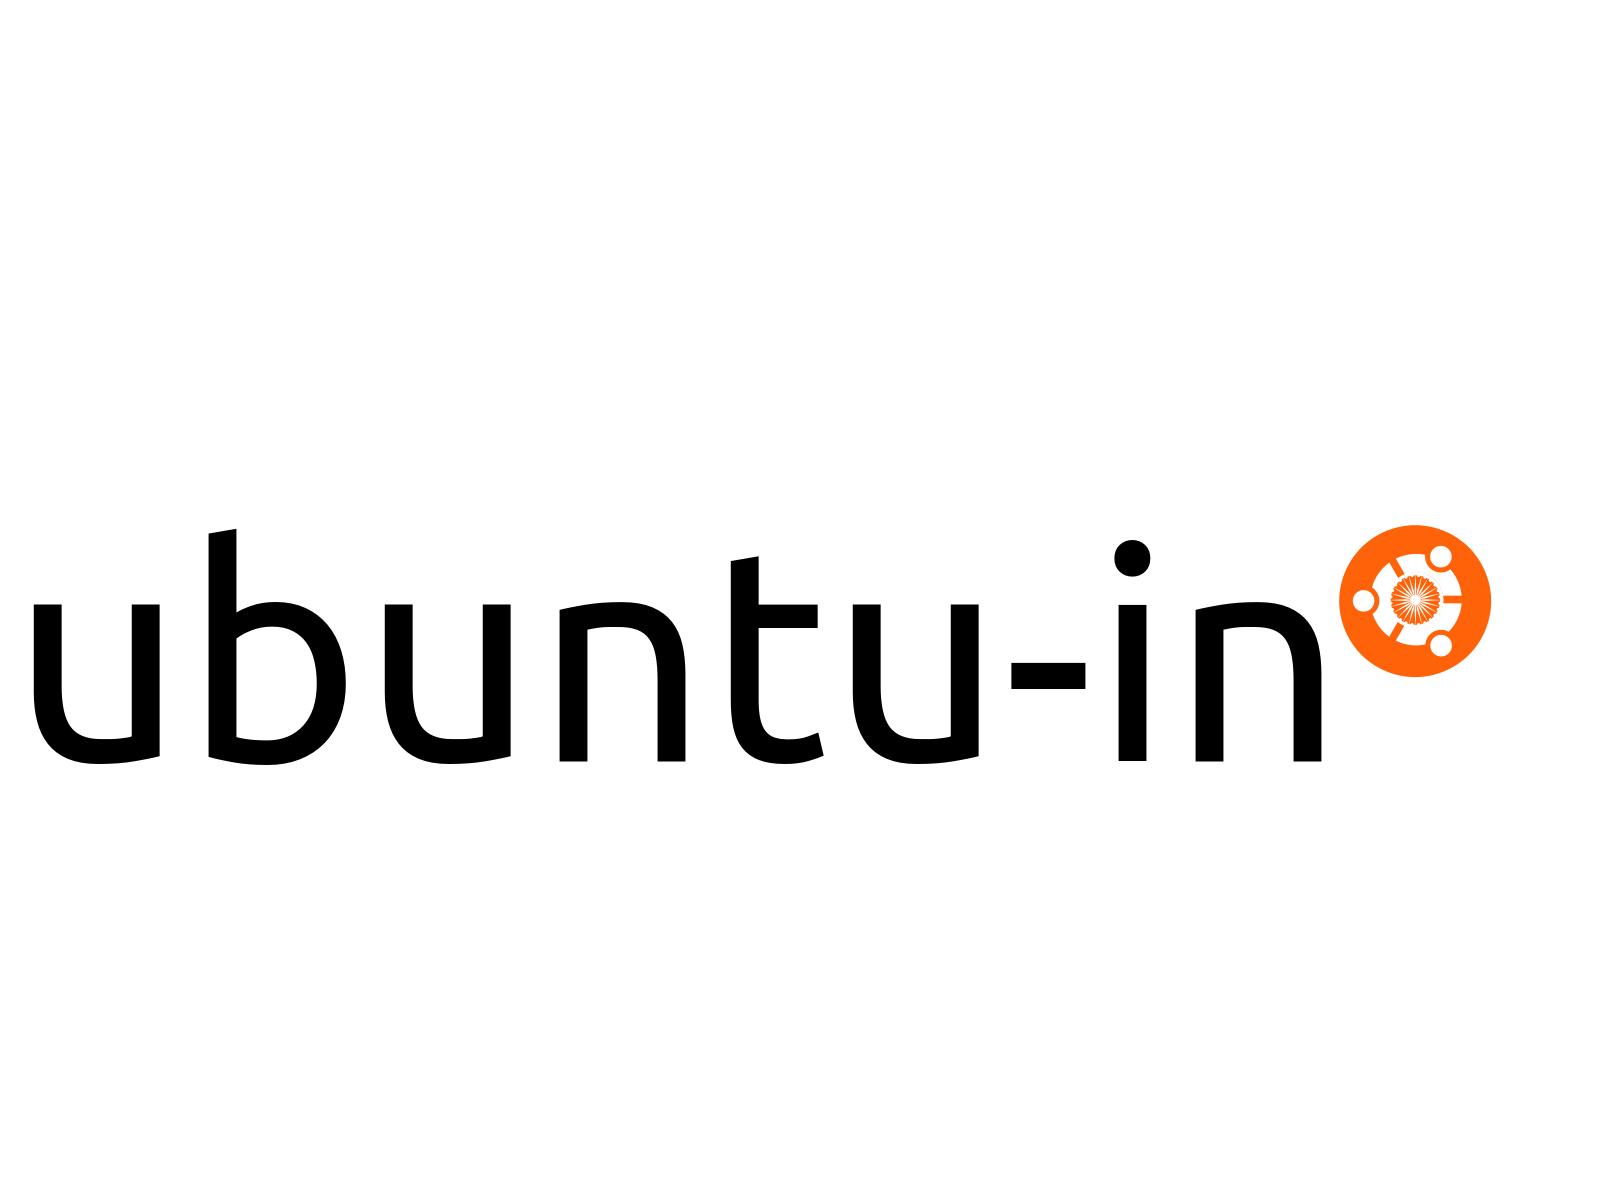 Ubuntuinwowz